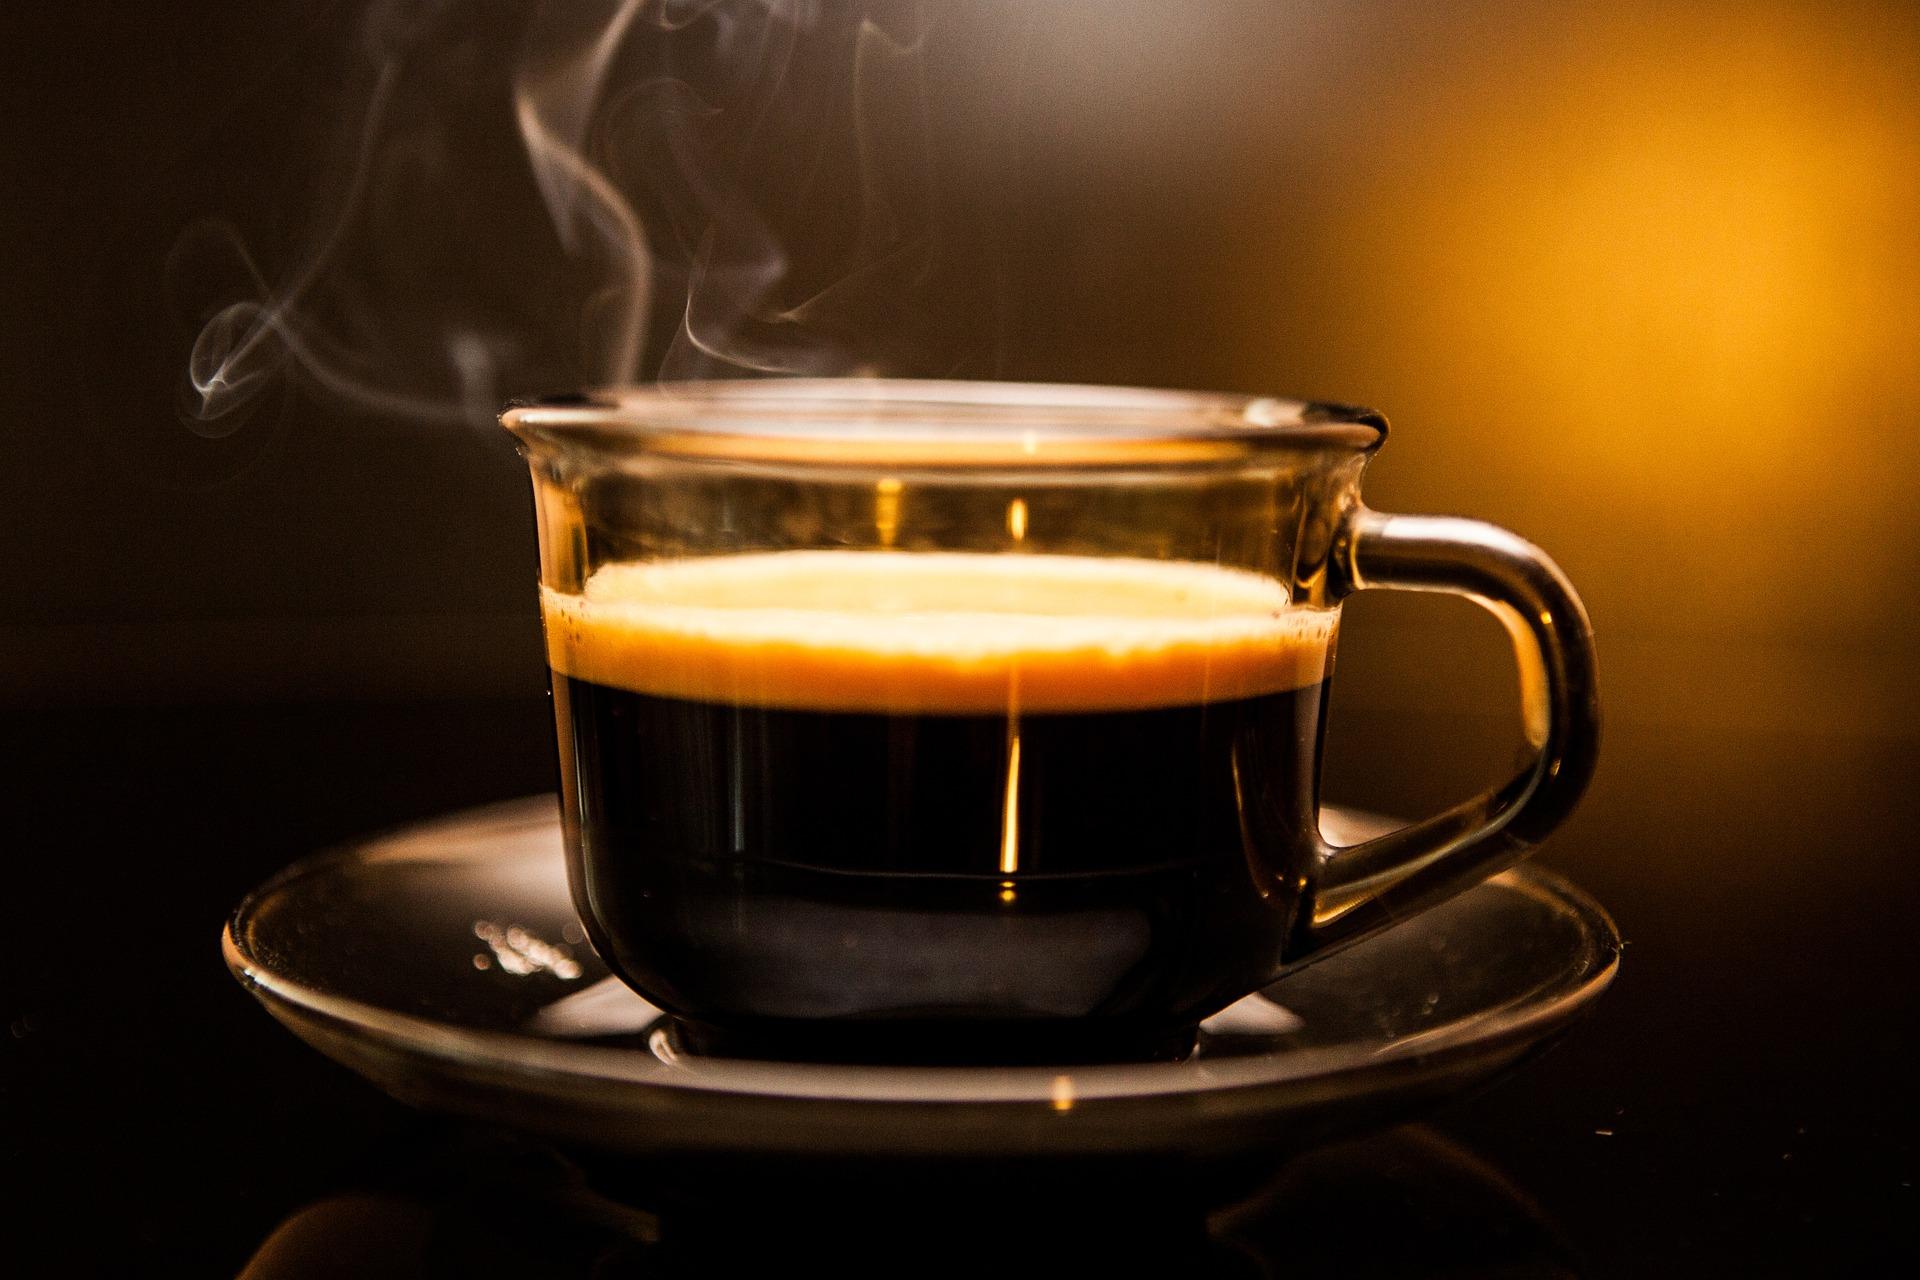 Menopausiaren ostean bularreko minbizia garatzeko arriskua gutxitzen du kafearen kontsumoak